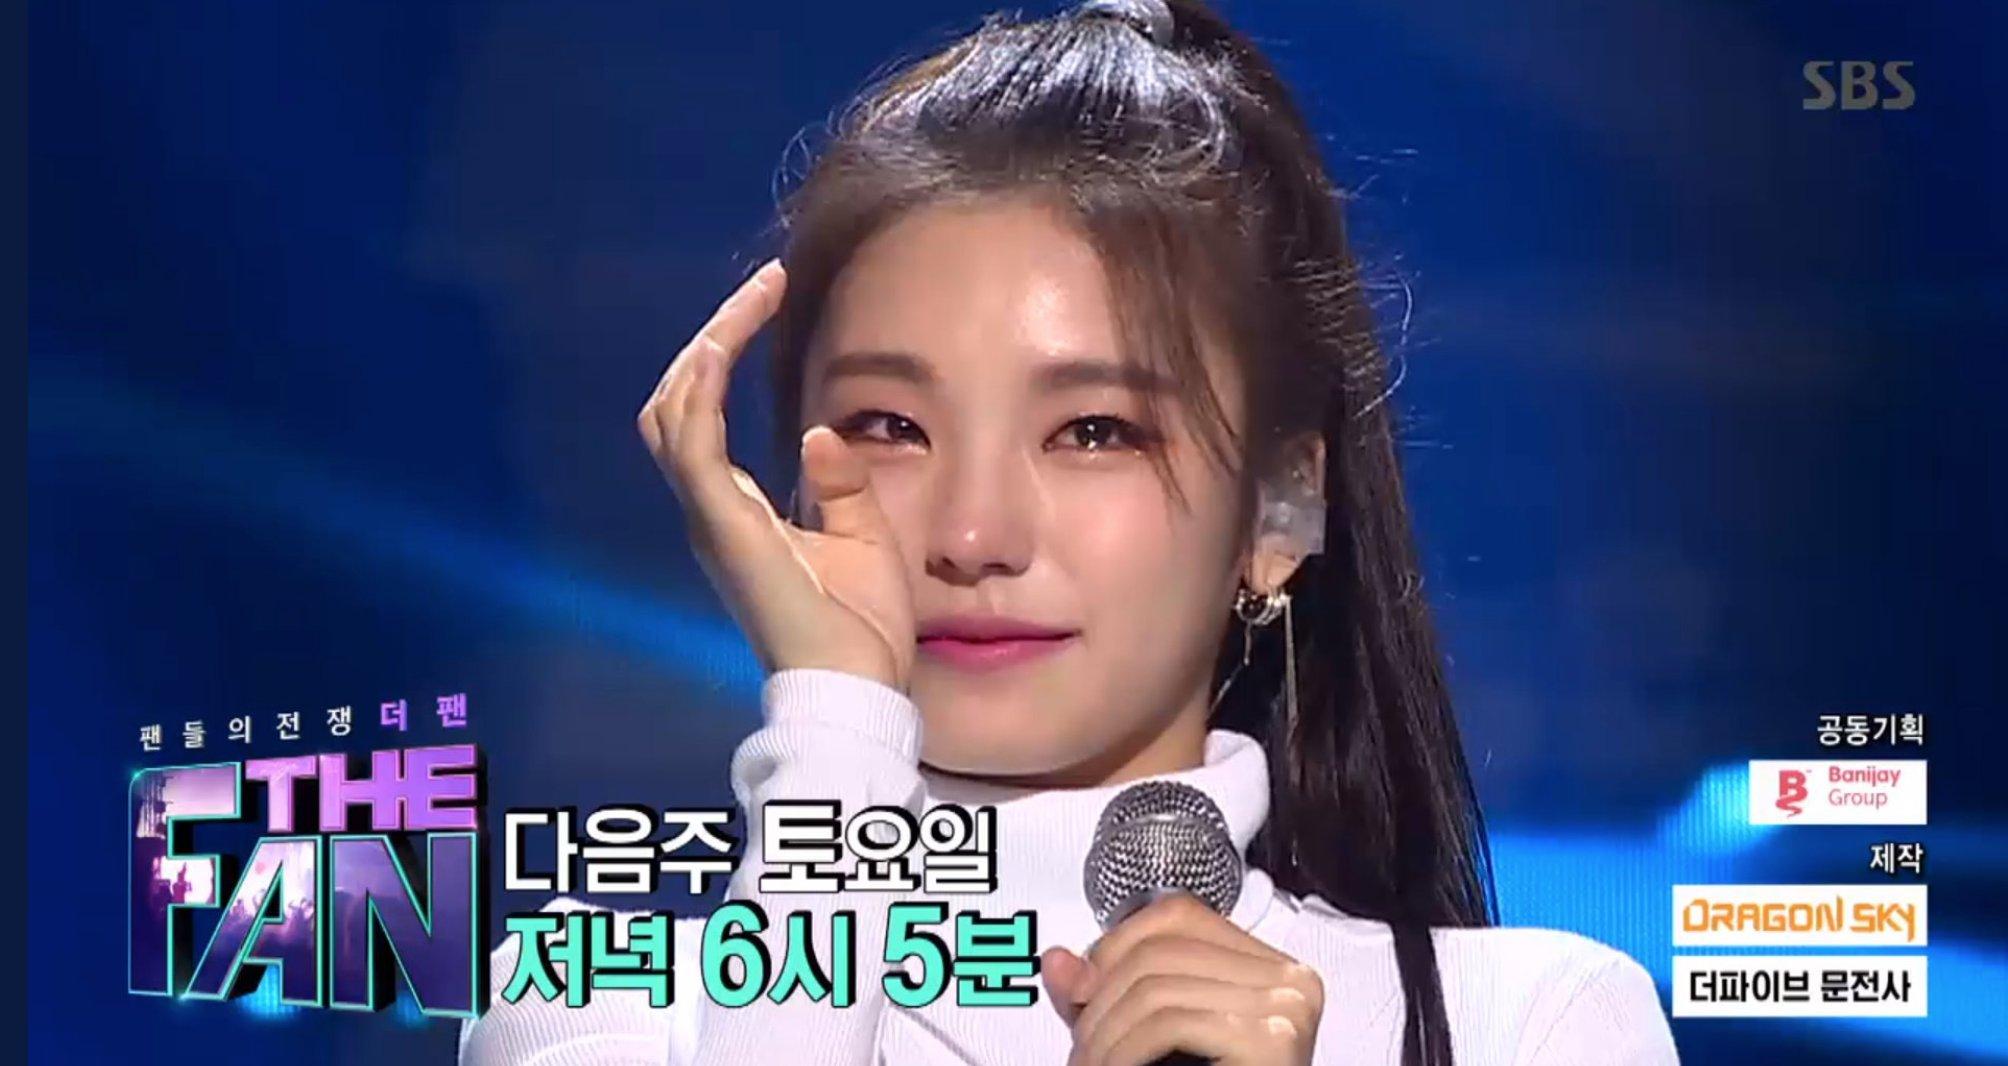 hwang yeji, hwang yeji profile, hwang yeji facts, hwang yeji girl group, hwang yeji jyp, jyp new girl group, new girl group, jyp,